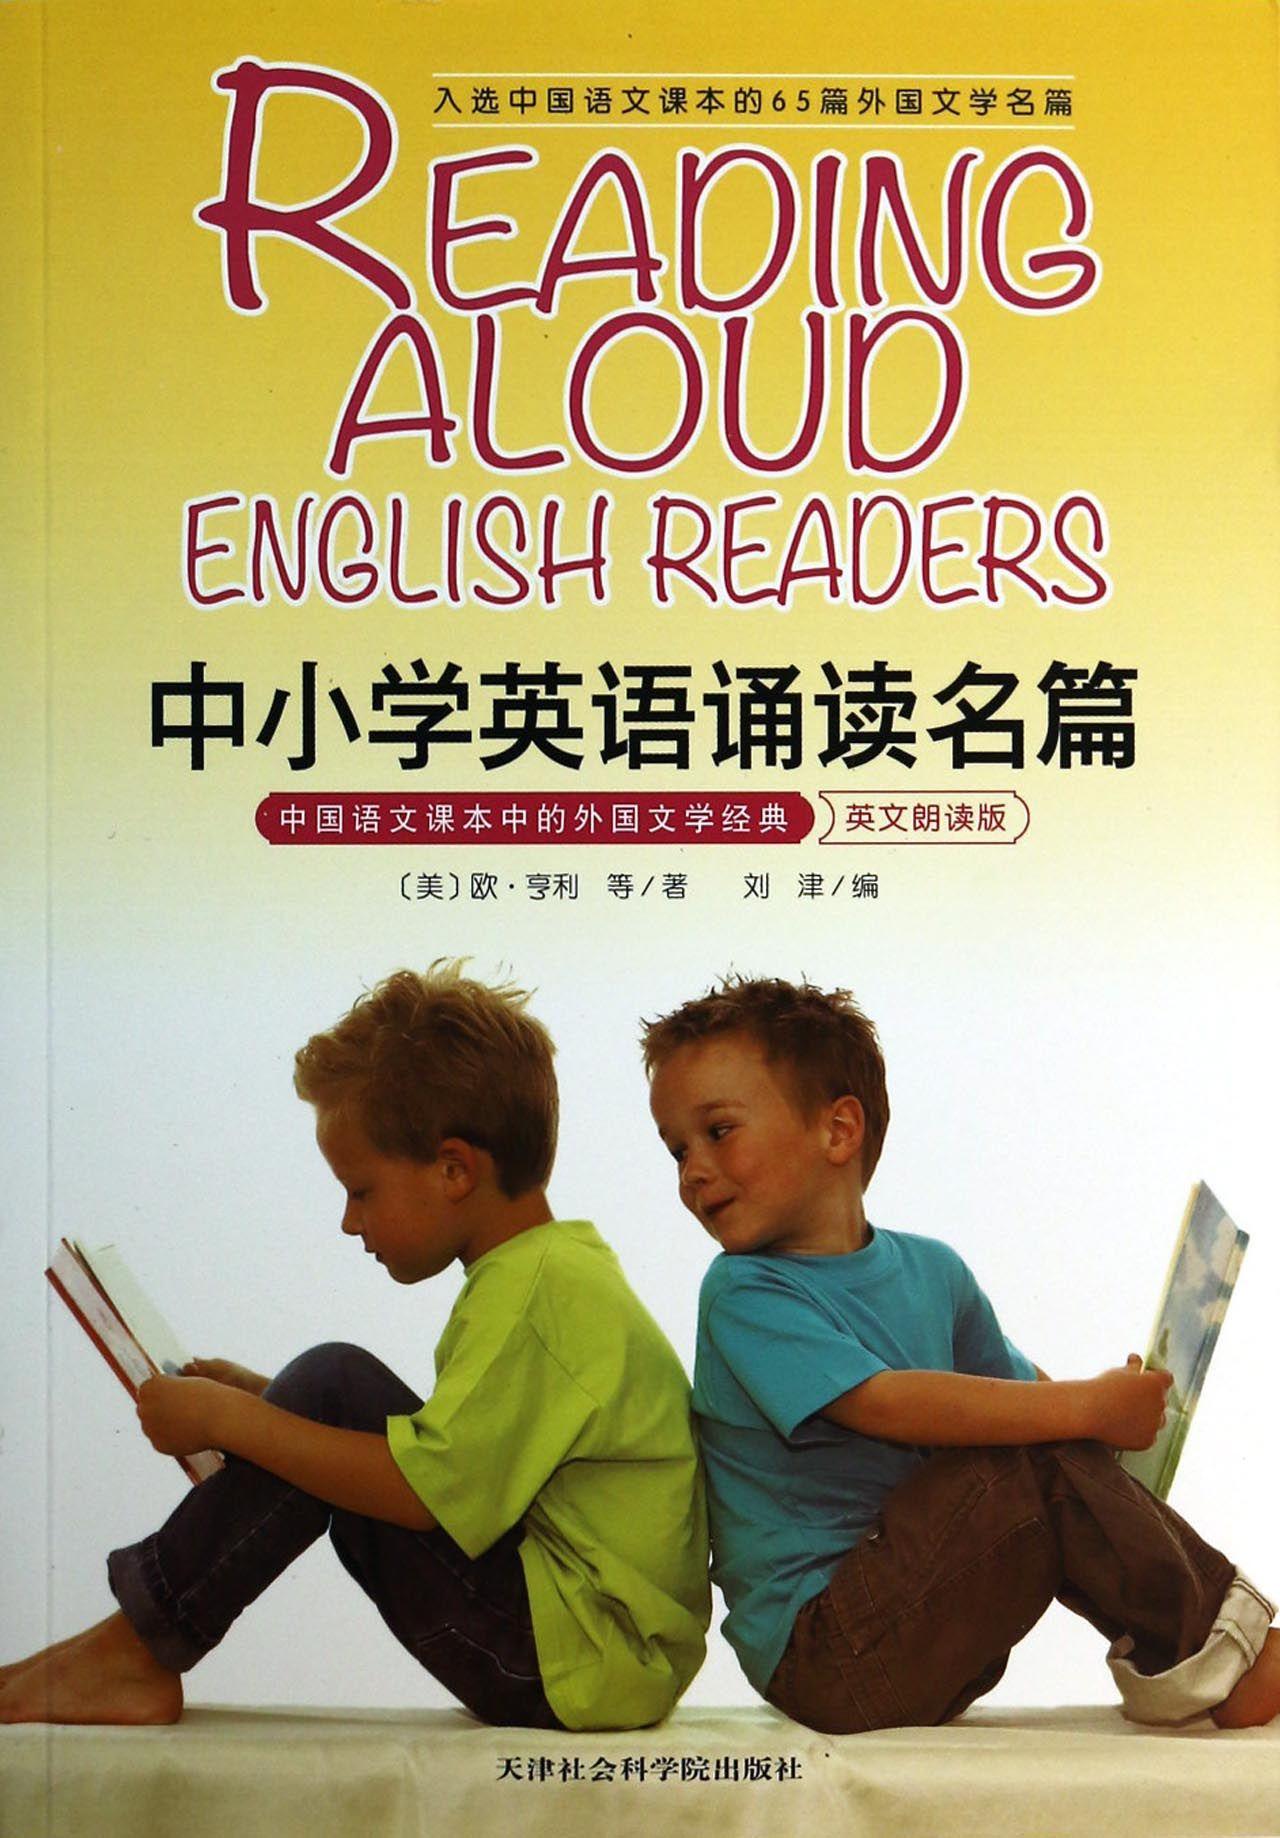 版中国语文课本中的外国